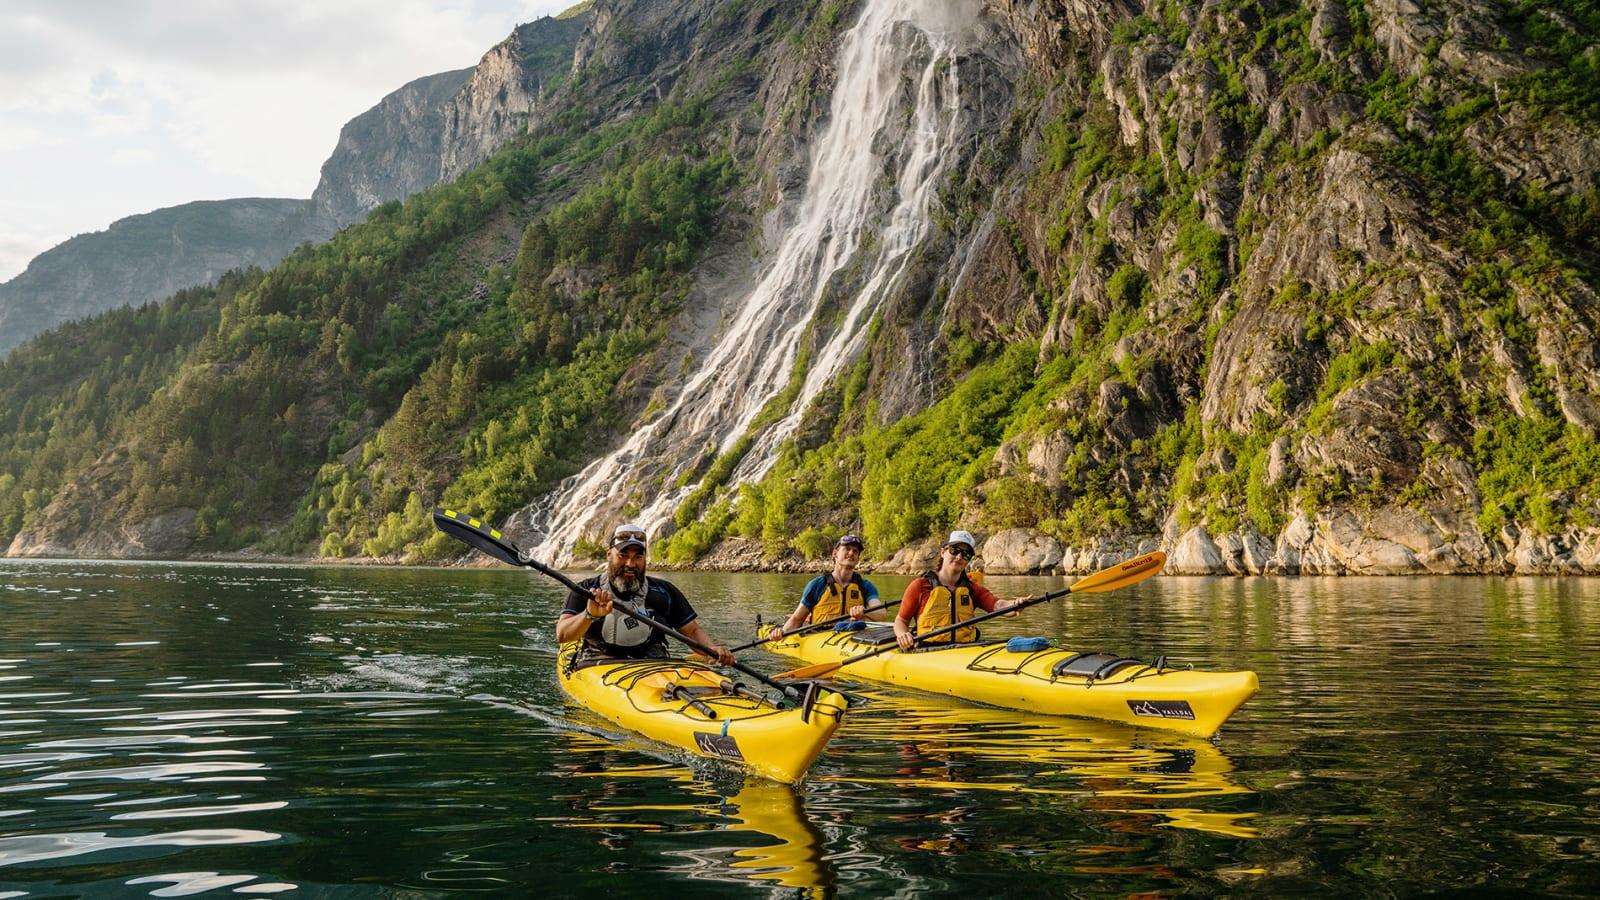 TAFJORD: Digre fossefall og interessant lokalhistorie er noe av det som lokker med padling i Tafjord. Bilde: Magnus Roaldset Furset